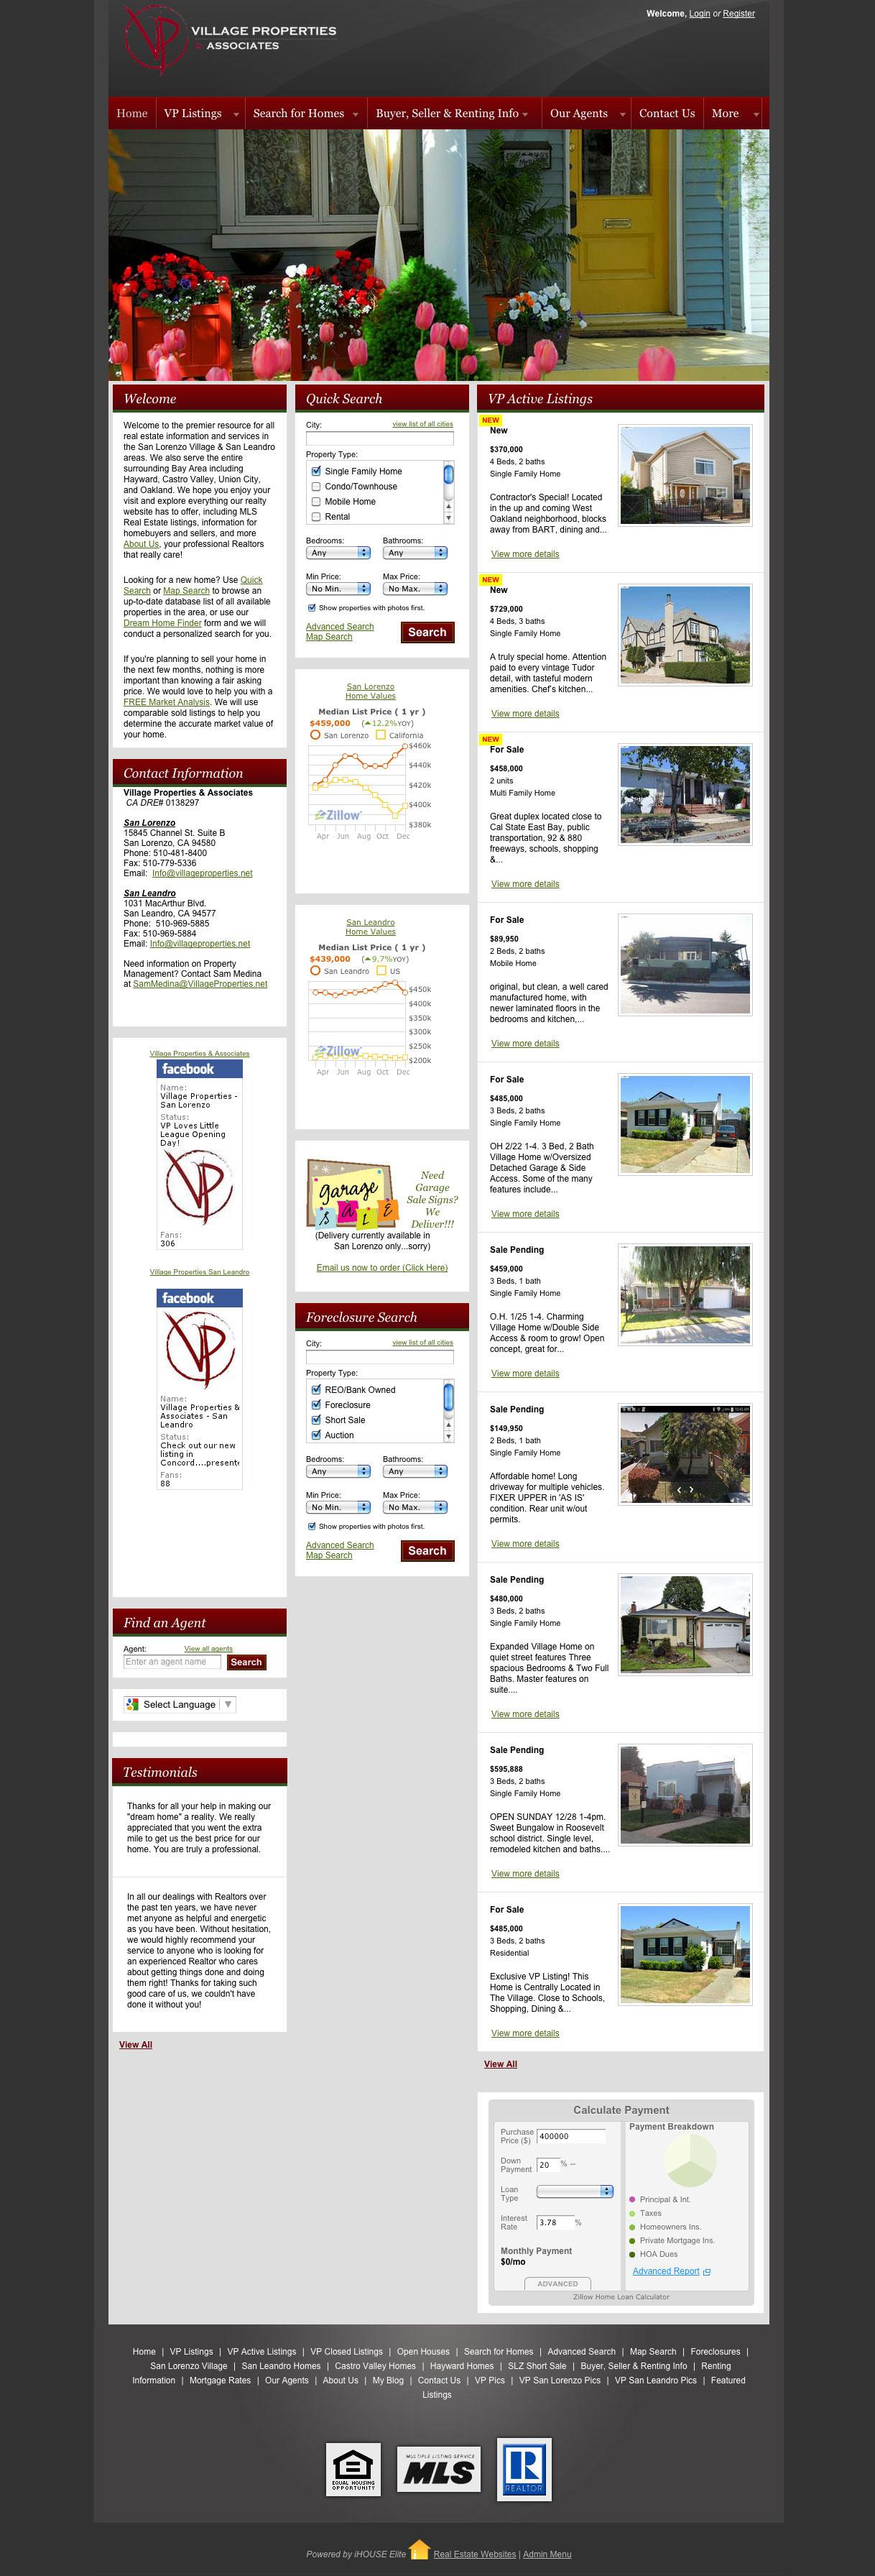 village-properties-website-old